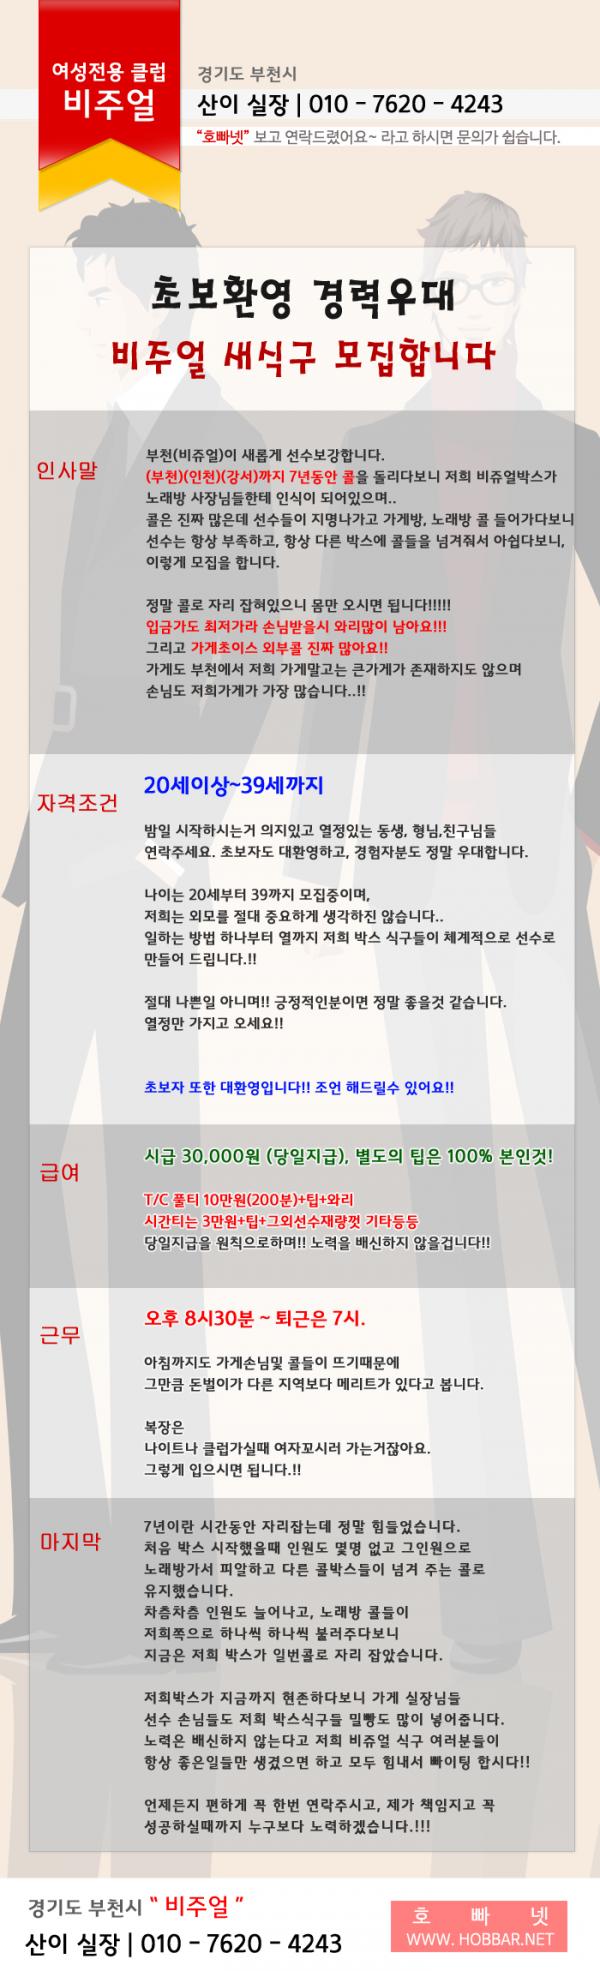 경기 부천콜 부천호빠 비주얼.png